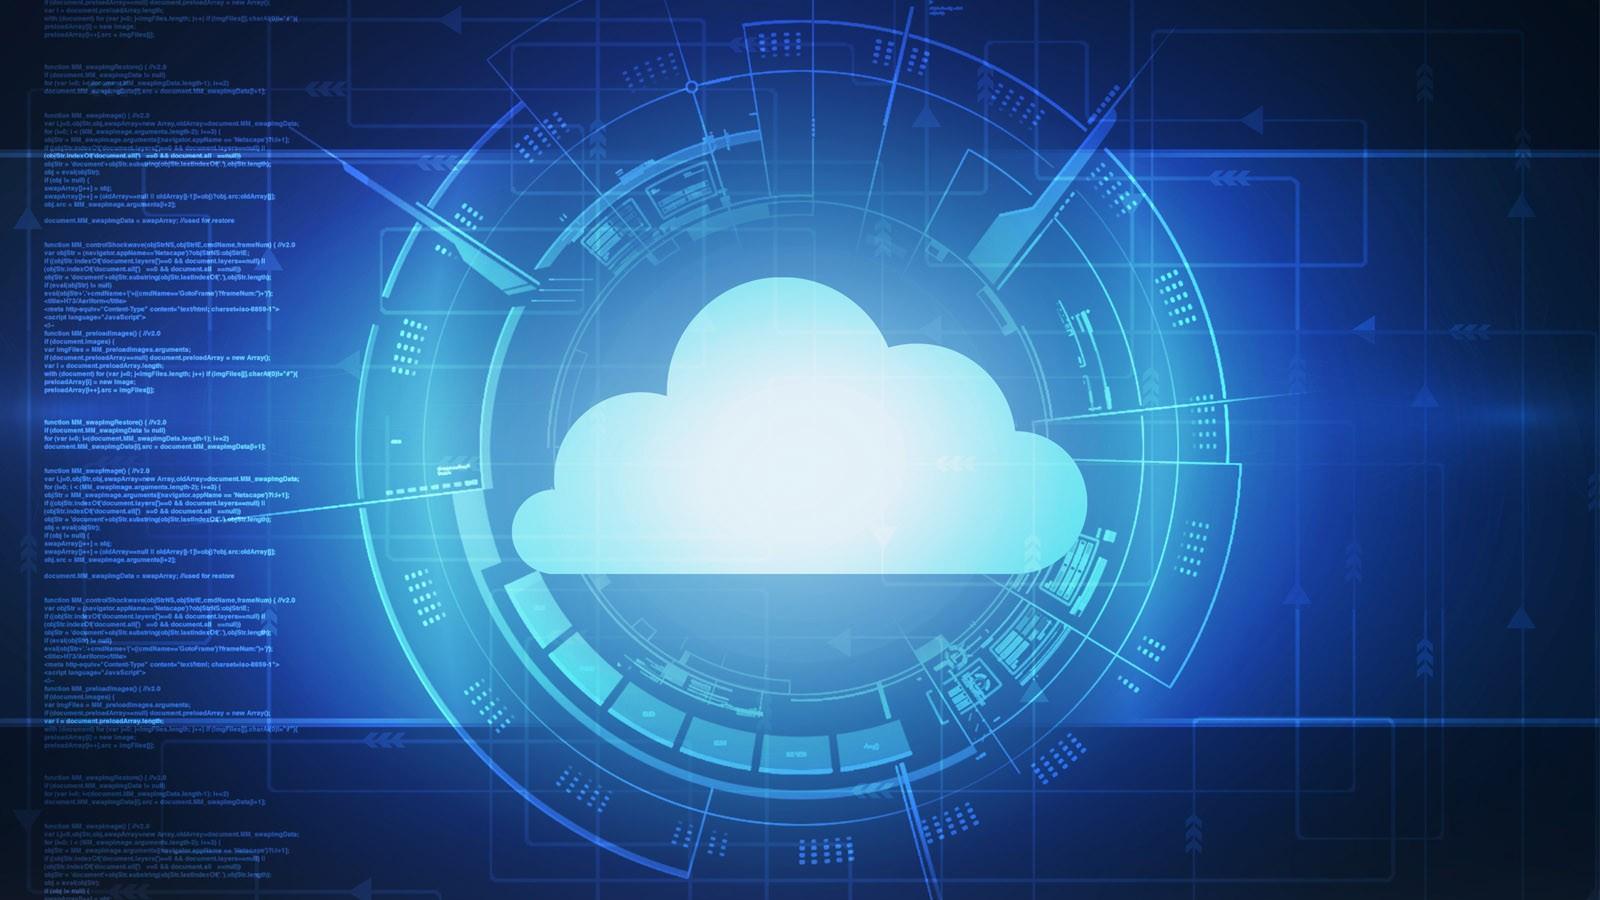 9 ventajas de un ERP en la nube frente a uno local